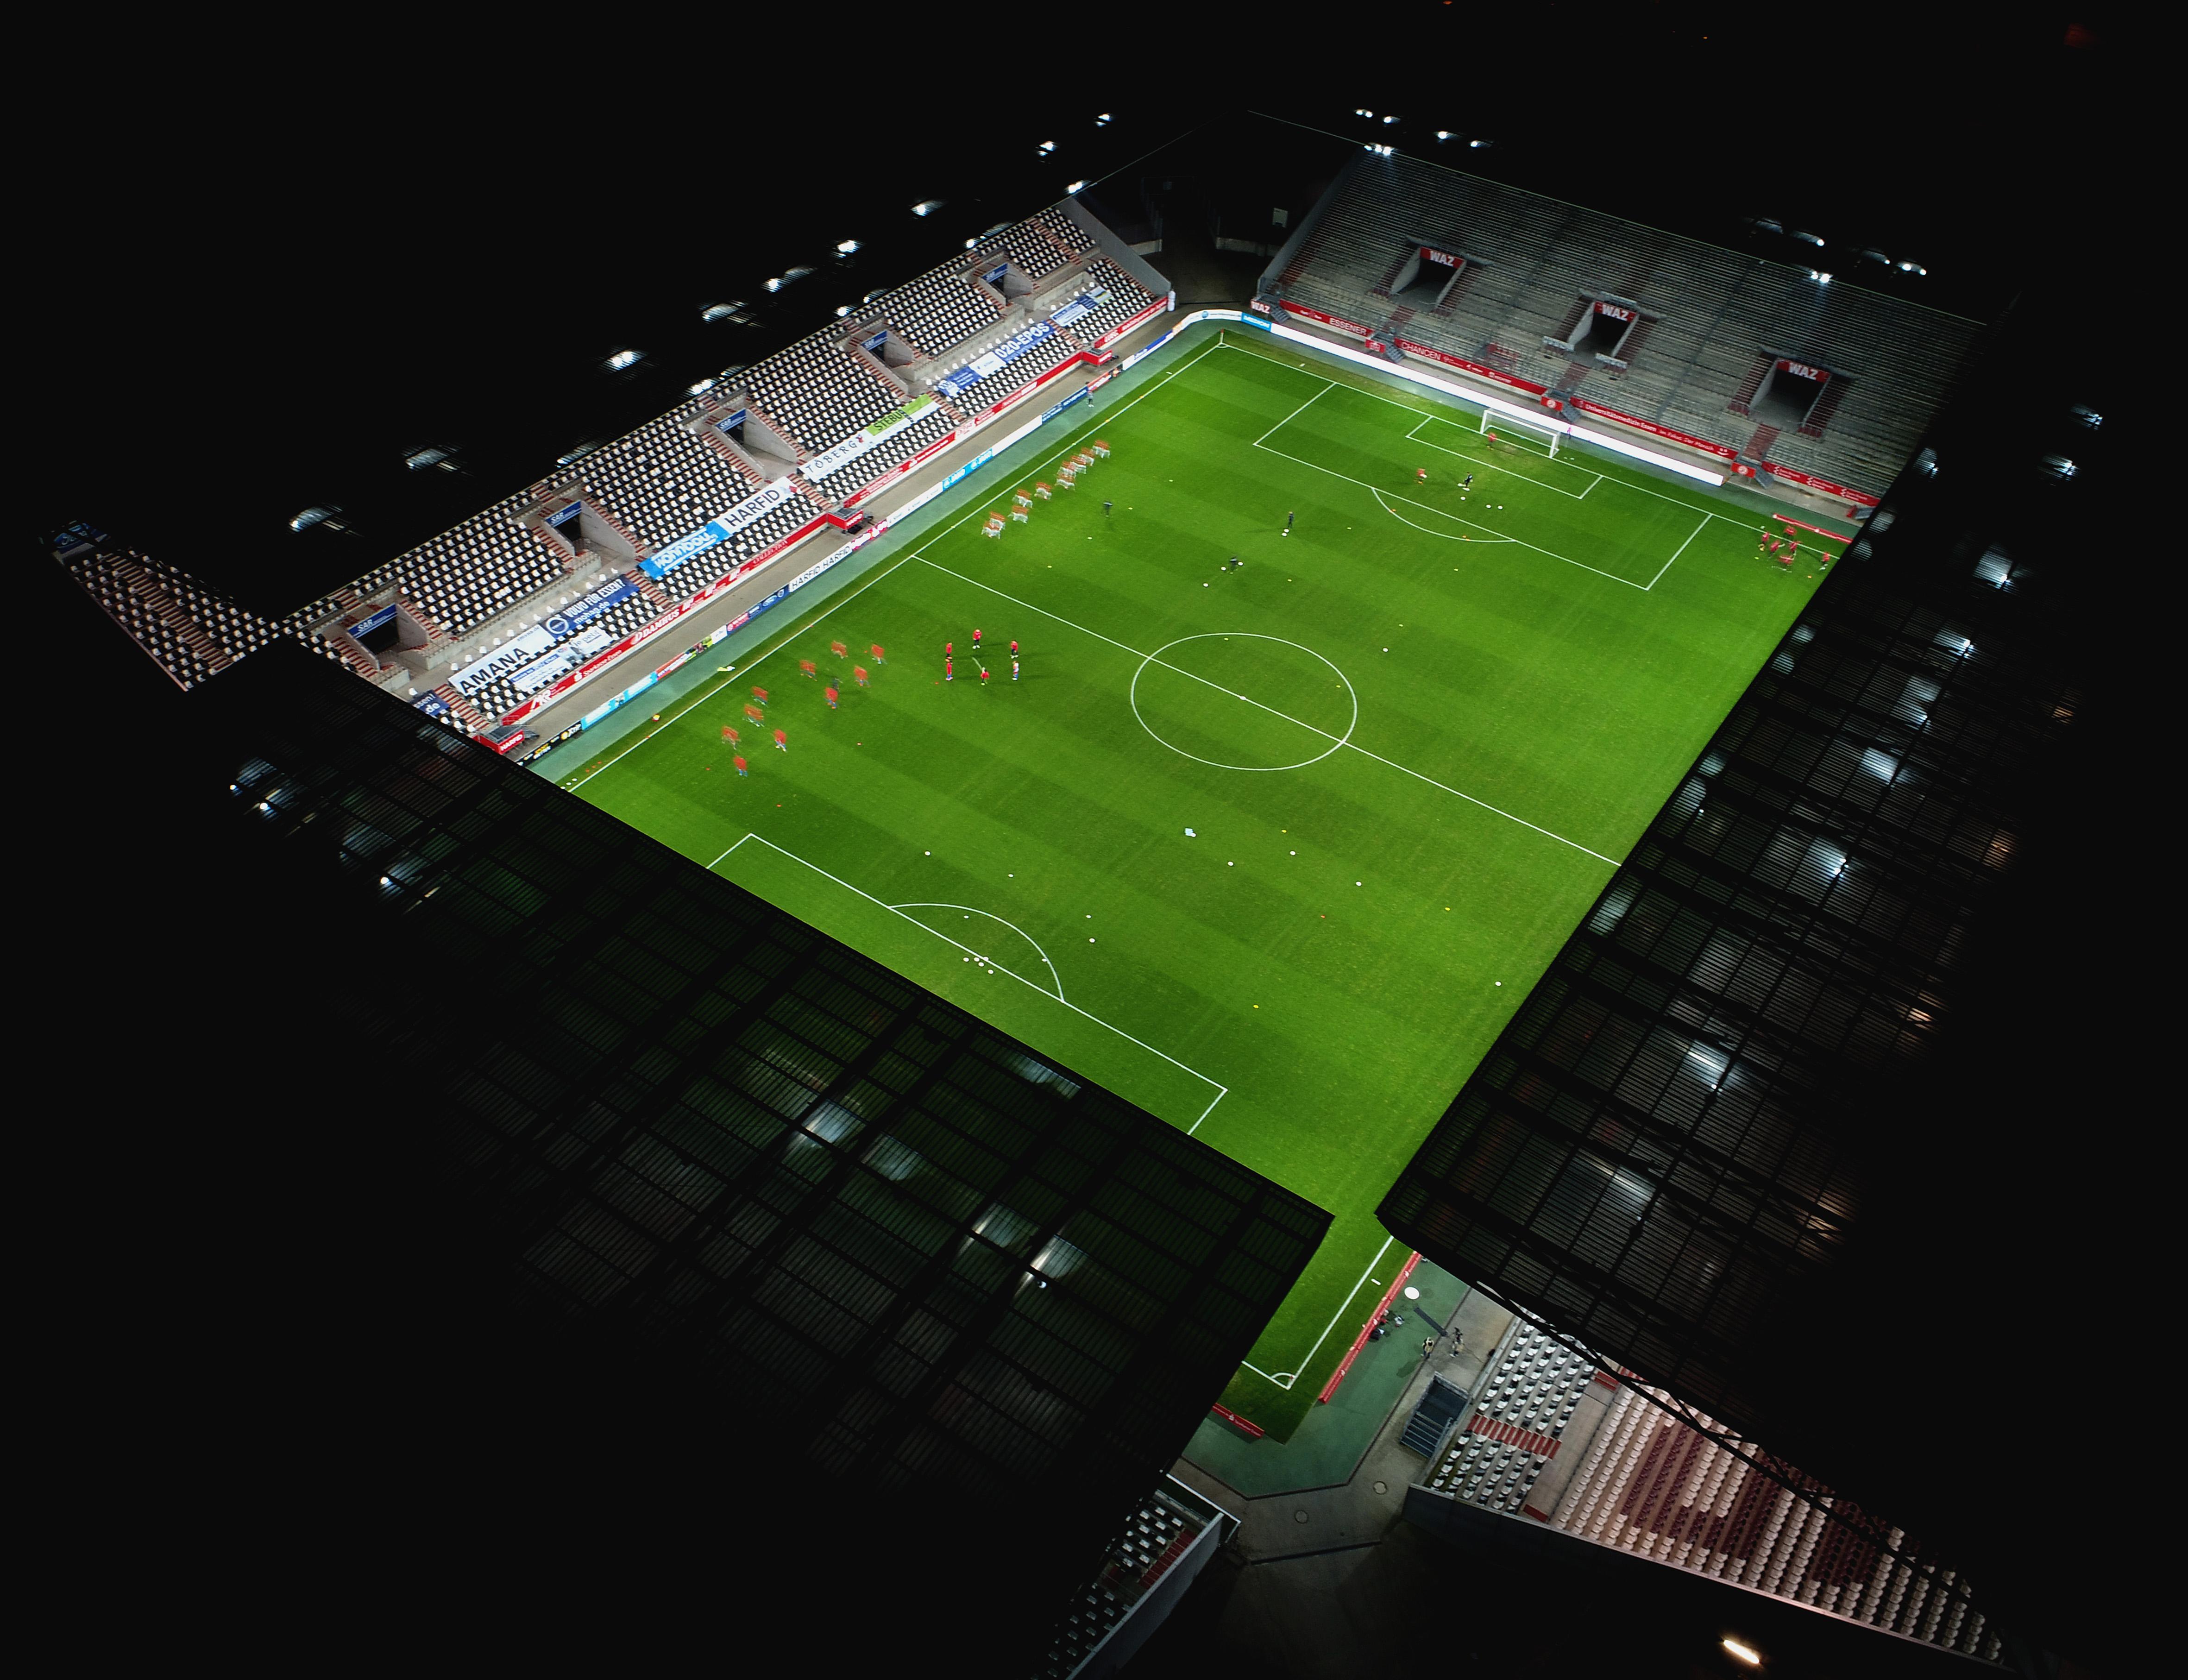 Zum DFB-Pokalspiel gegen Holstein Kiel ist der Zutritt zum Stadiongelände nicht möglich. (Foto: Gohl)